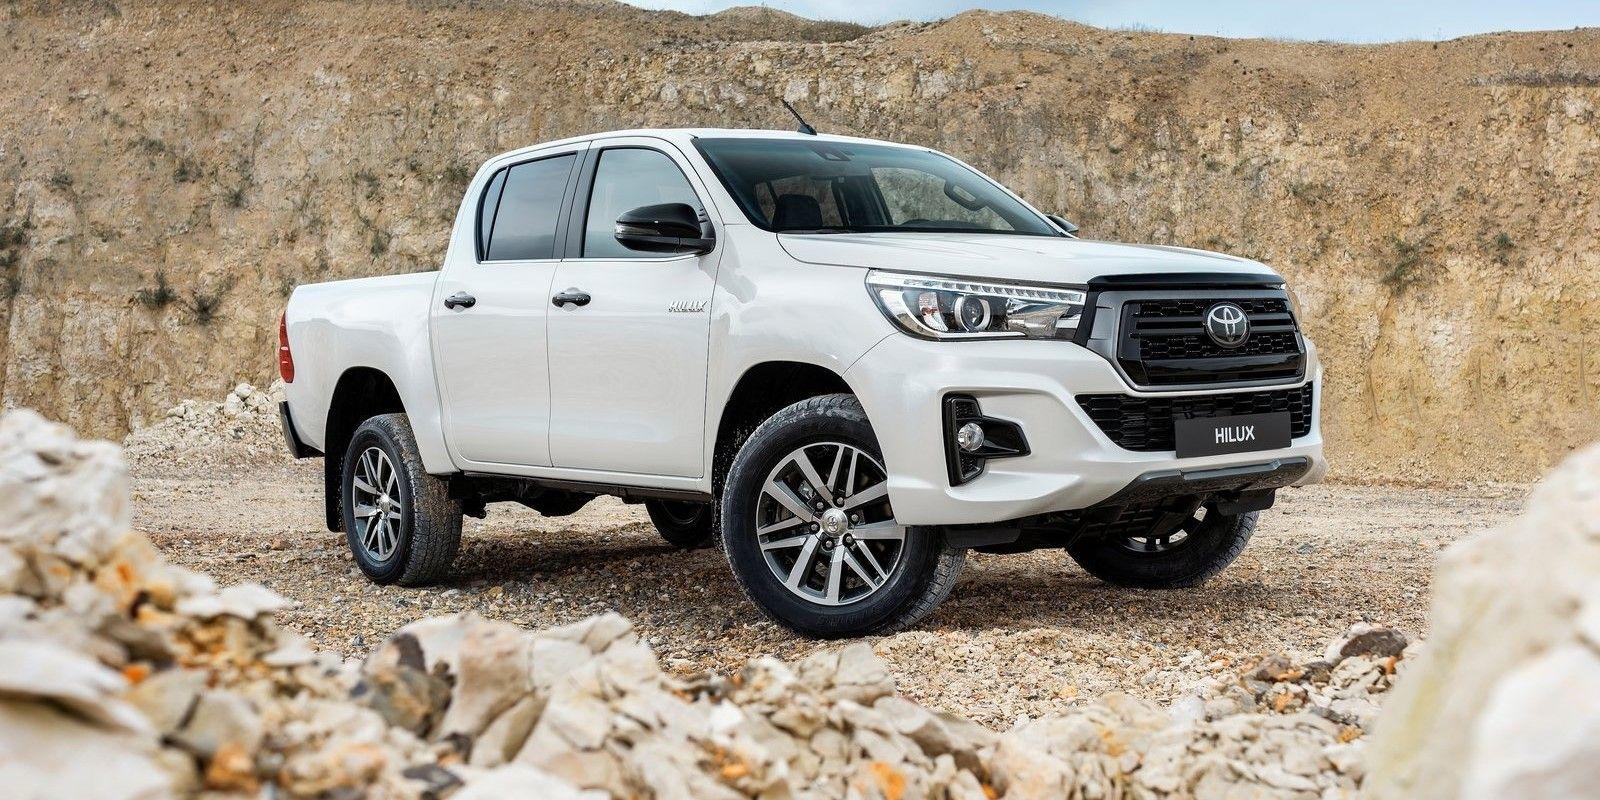 Toyota Hilux Special Edition 2019: Toque de exclusividad